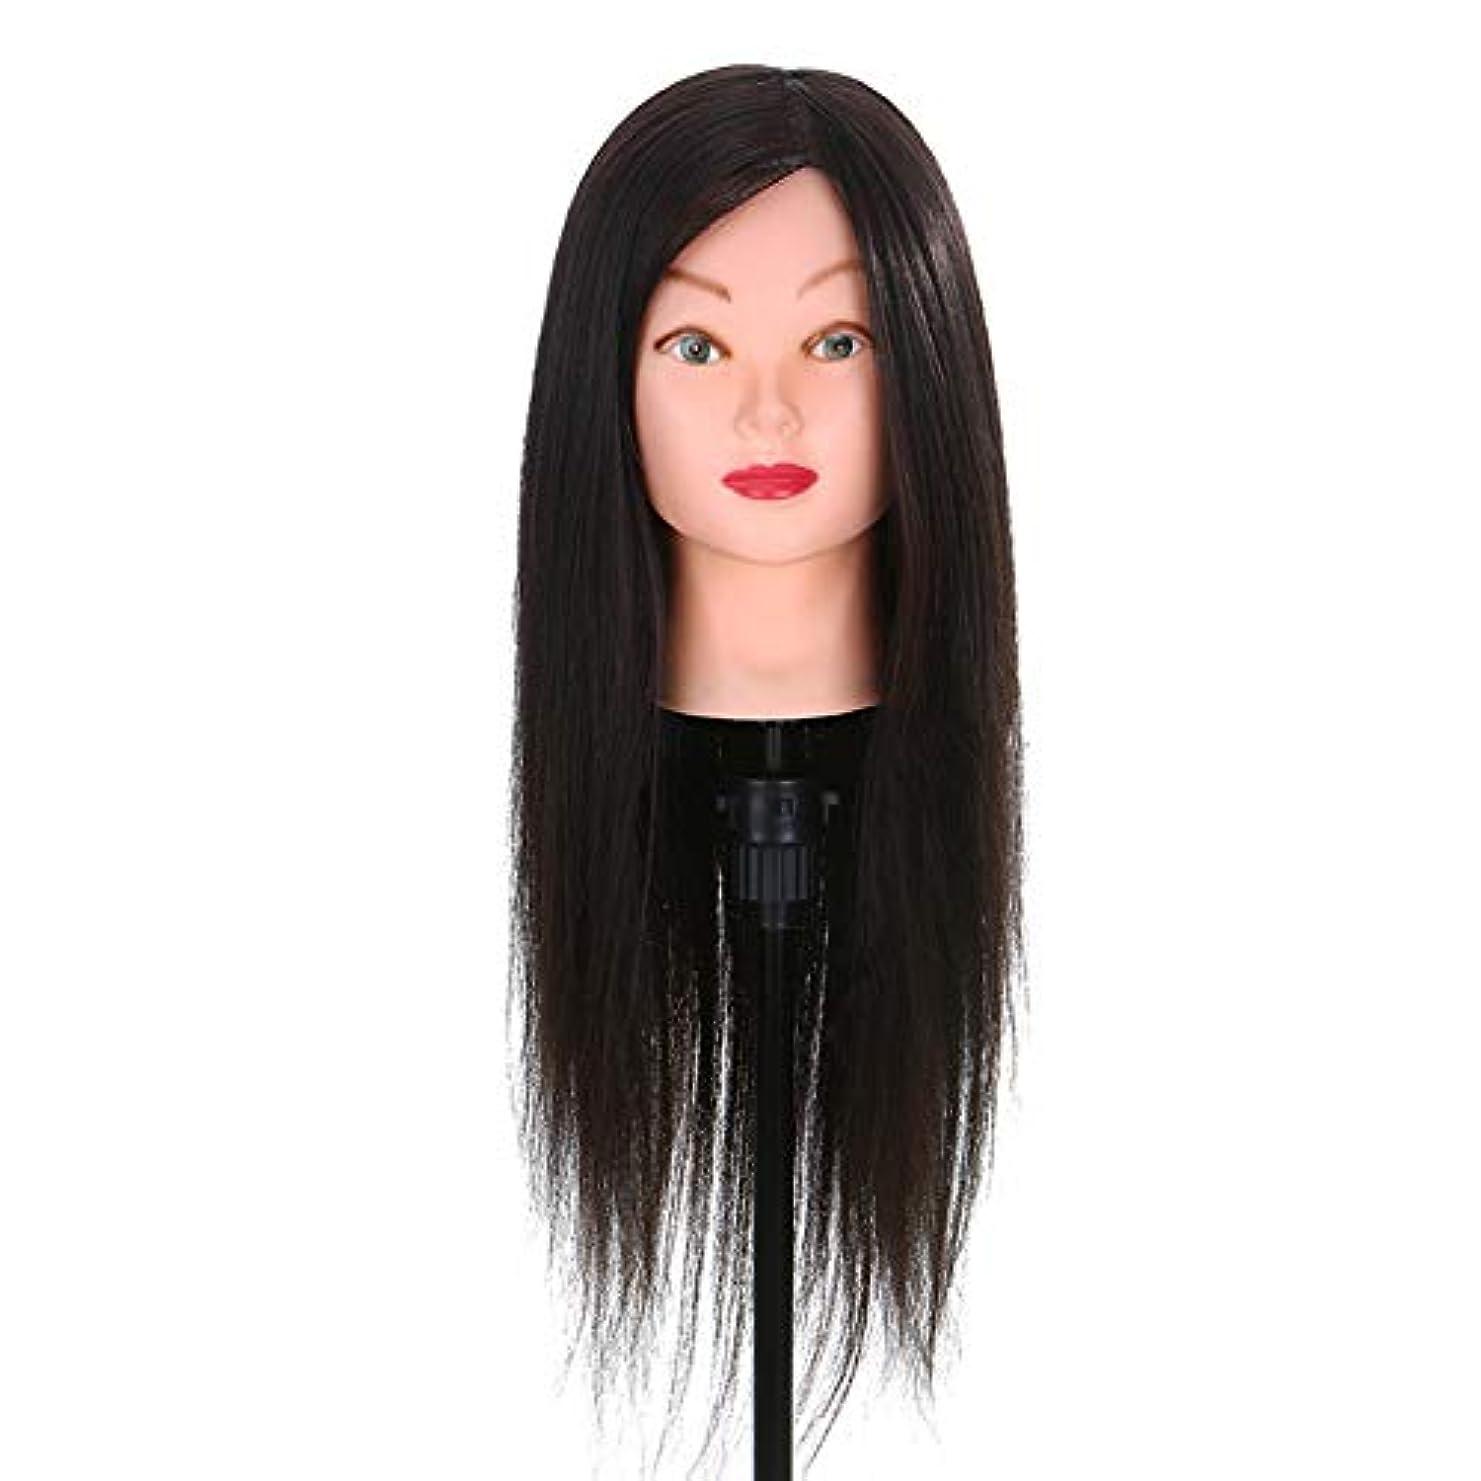 不快なはぁ集中練習ディスク髪編組ヘアモデル理髪店スクールティーチングヘッドロングかつら美容マネキンヘッドブラケット